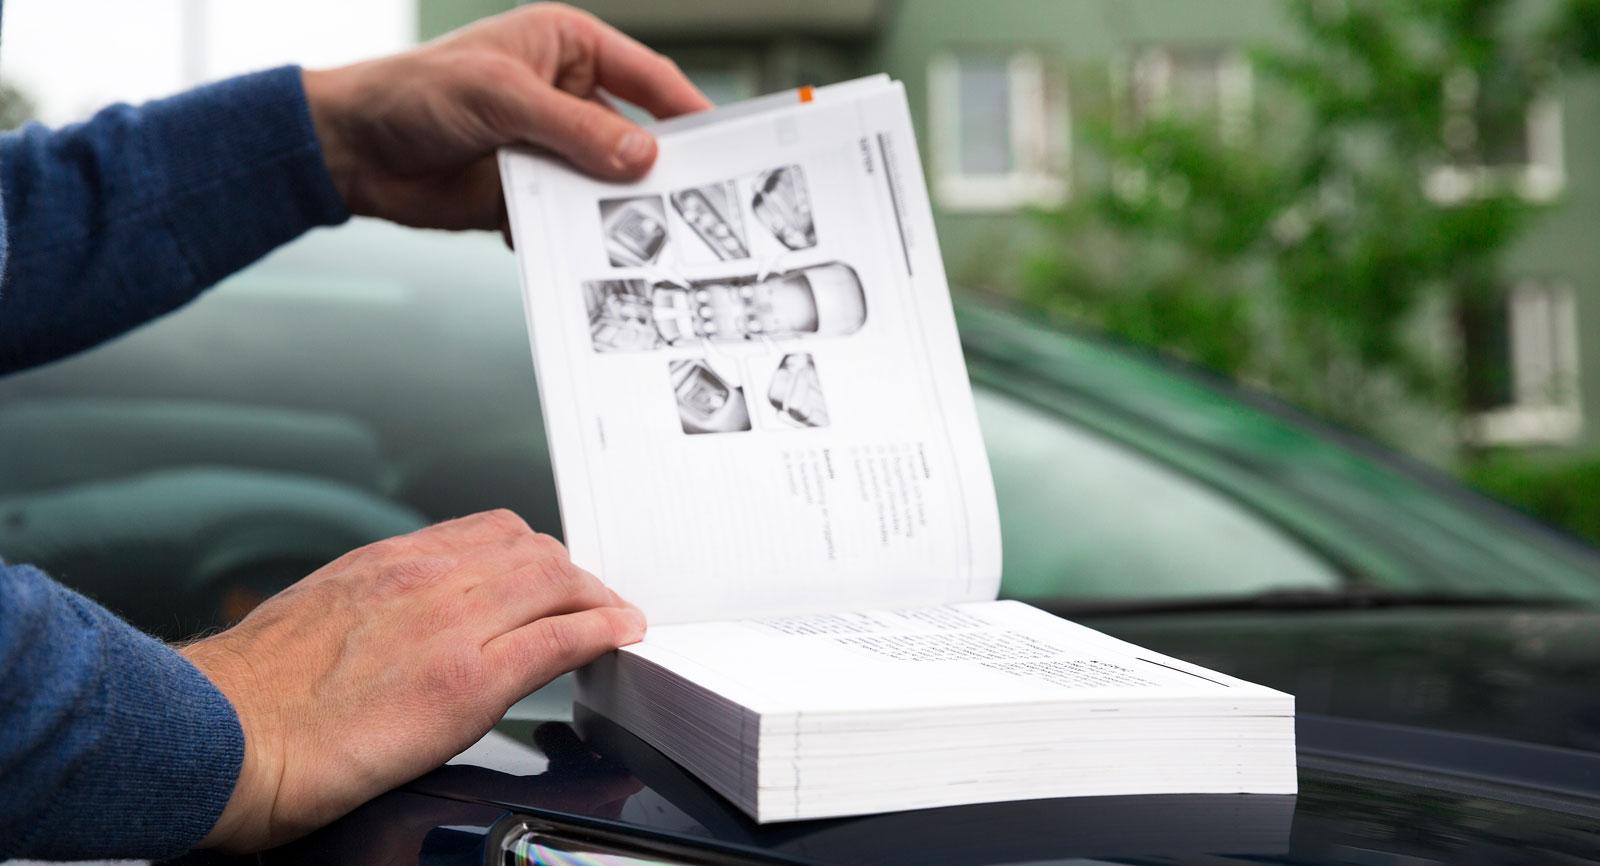 Bilarnas manualer är tjocka som lagböcker. Ändå får kategorin barnsäkerhet onödigt liten plats.